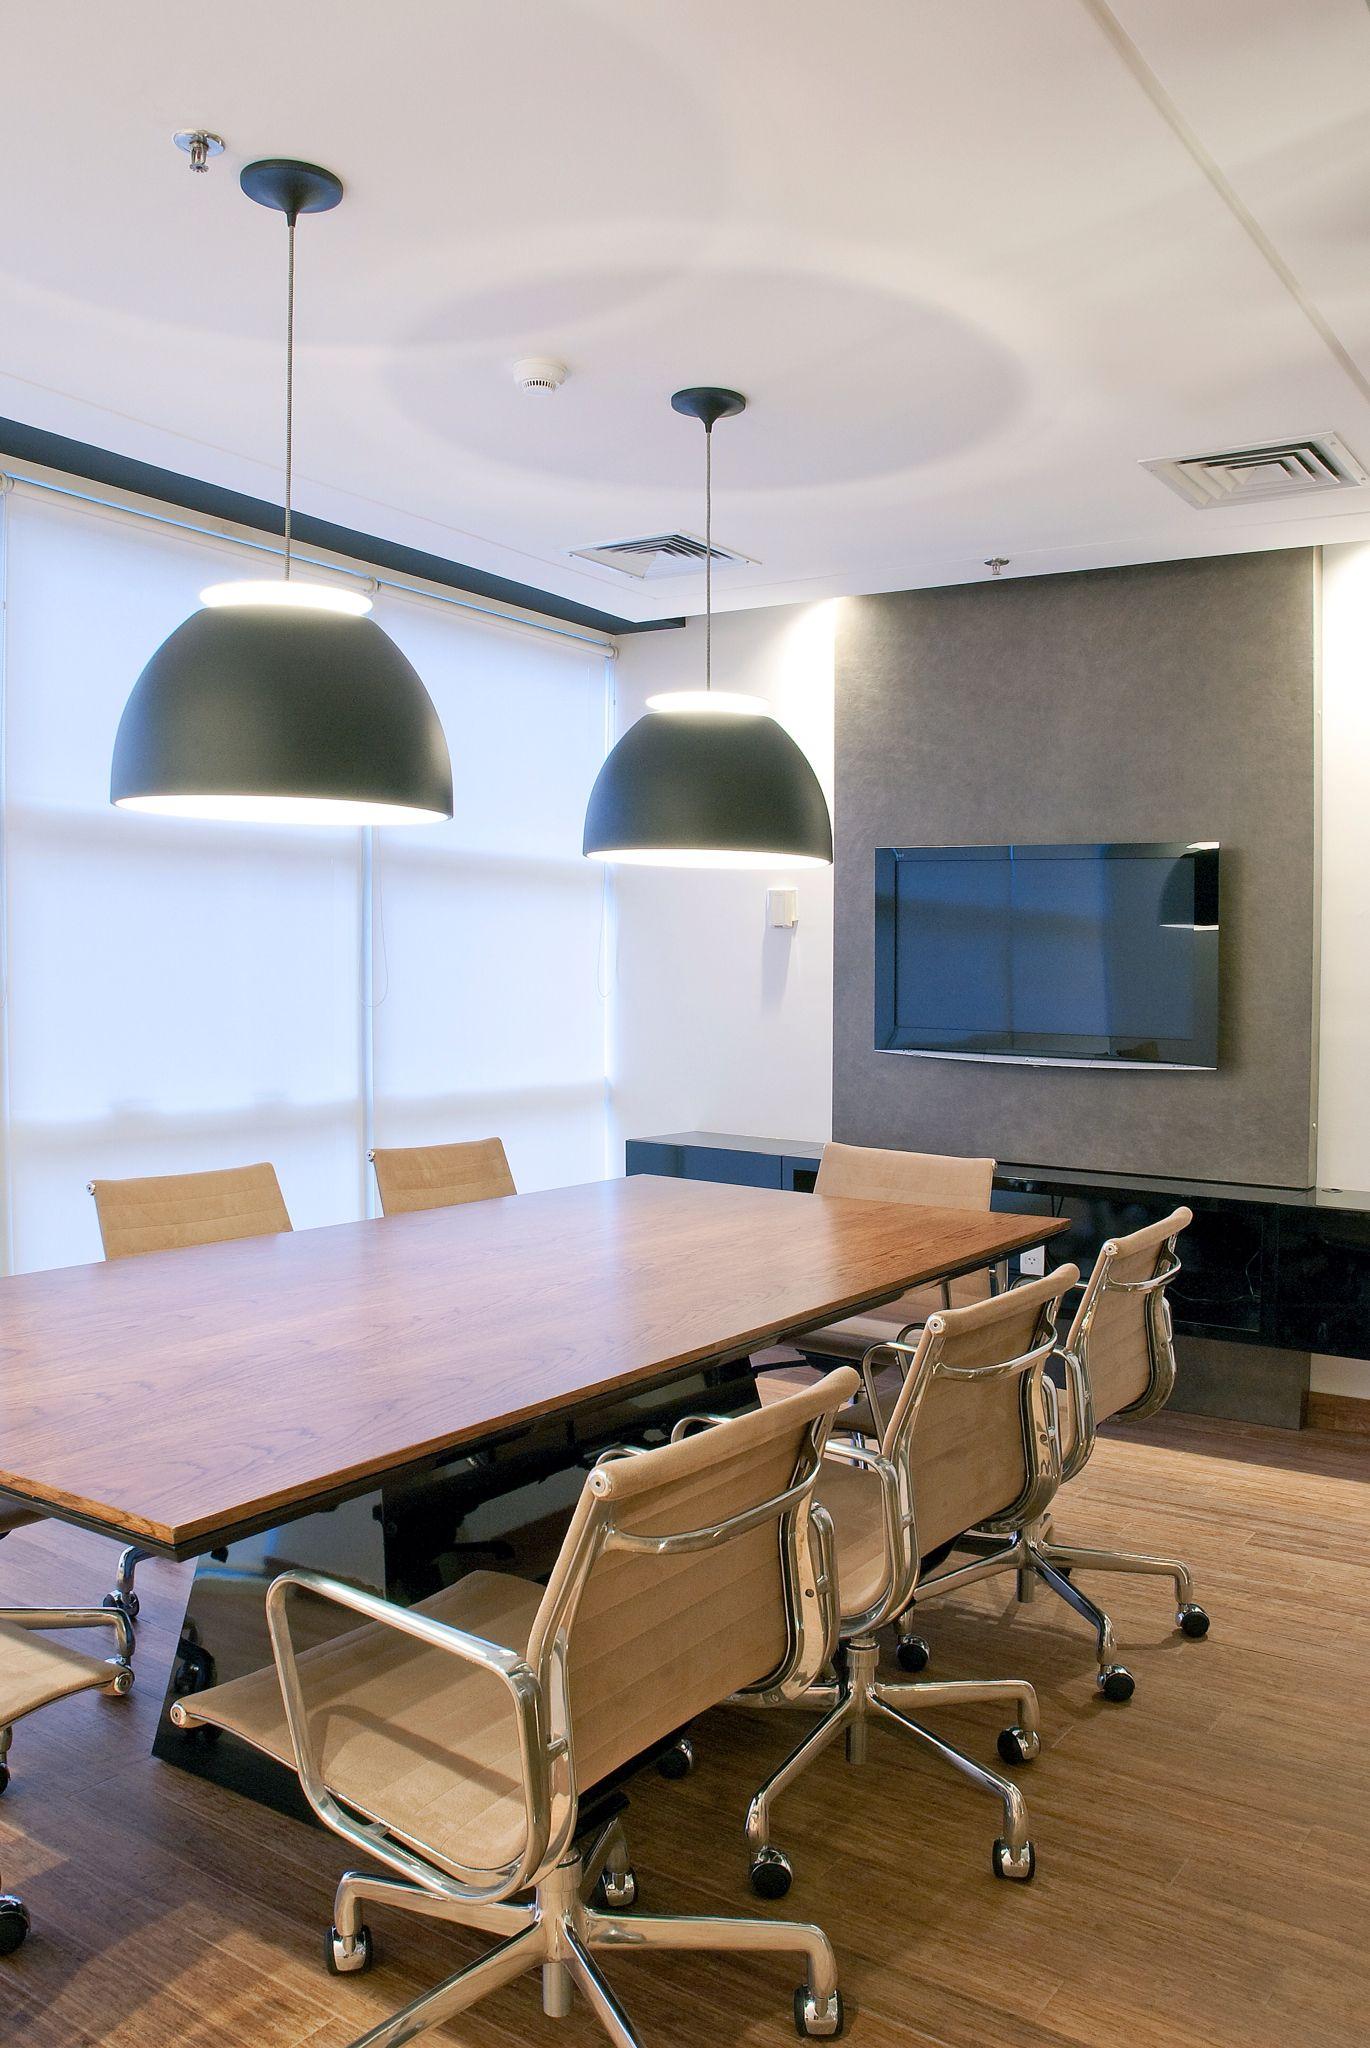 Sala de Reunião | sala de reunião moderna | Pinterest ...